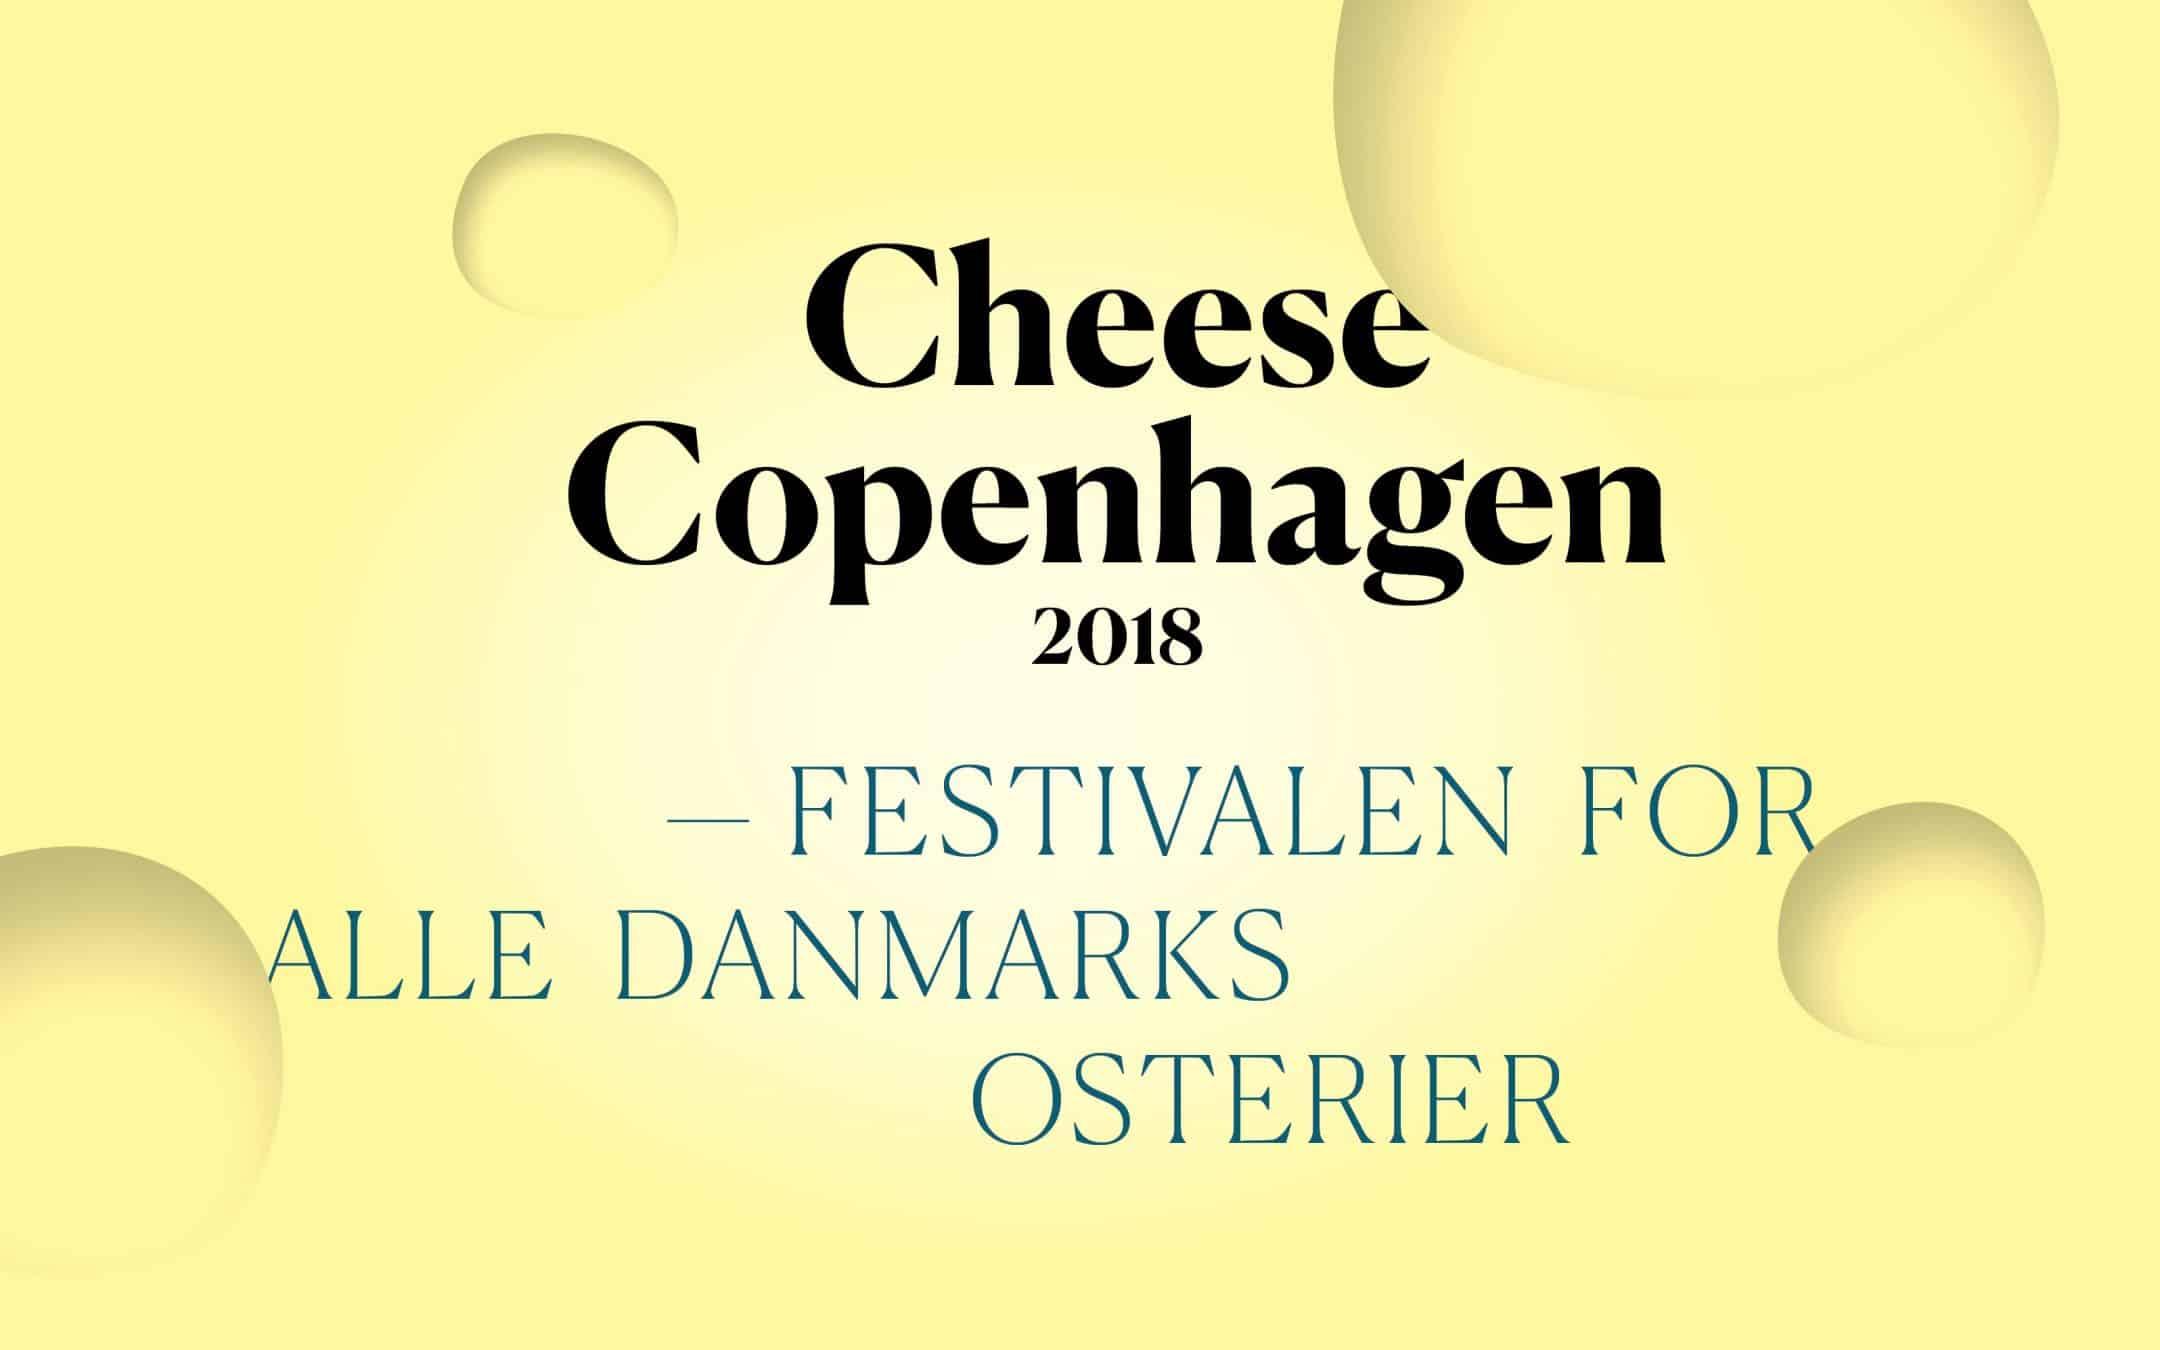 Kom med til ostefest den 10. november 2018